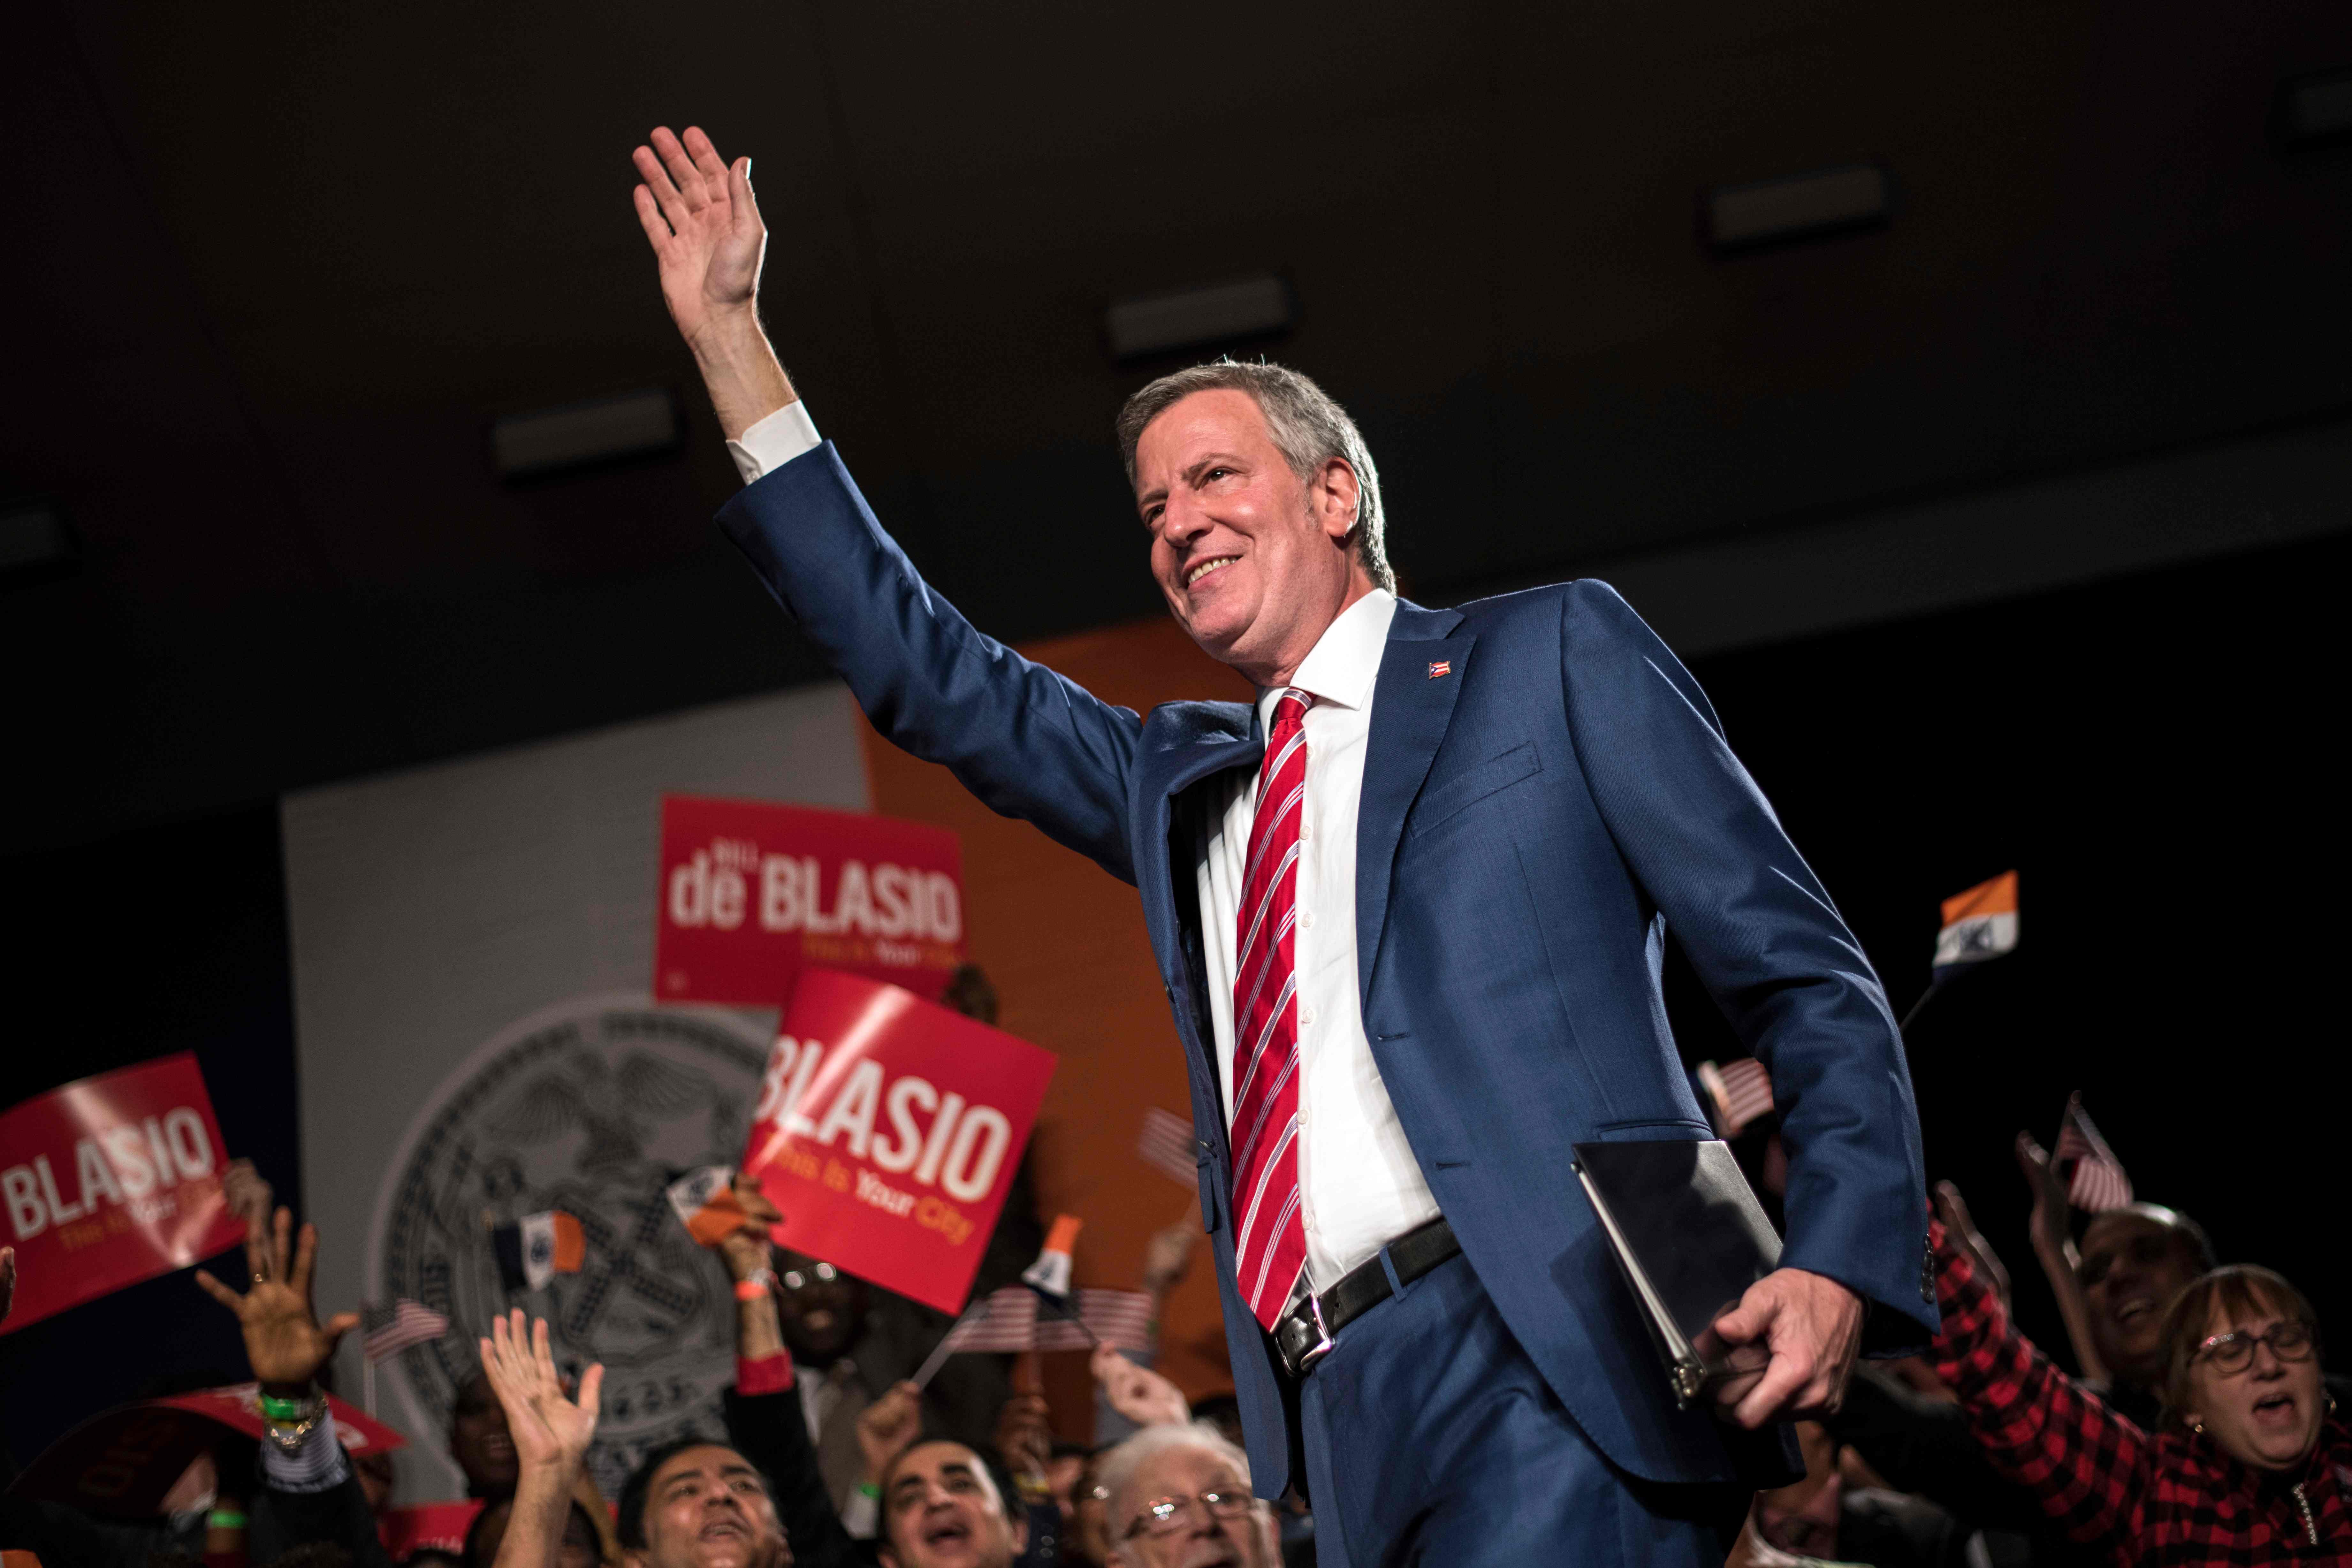 Bill de Blasio finalmente confirmó su candidatura luego de días de especulación. (Foto Prensa Libre: AFP)